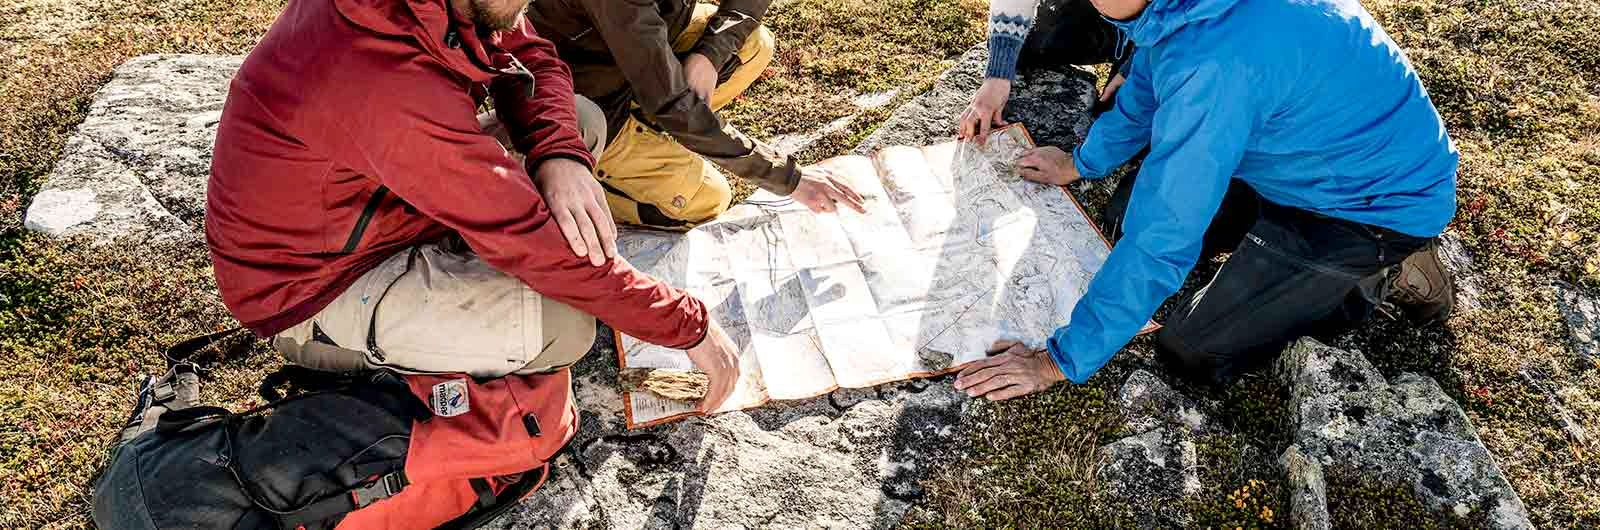 grupp-planerar-med-karta